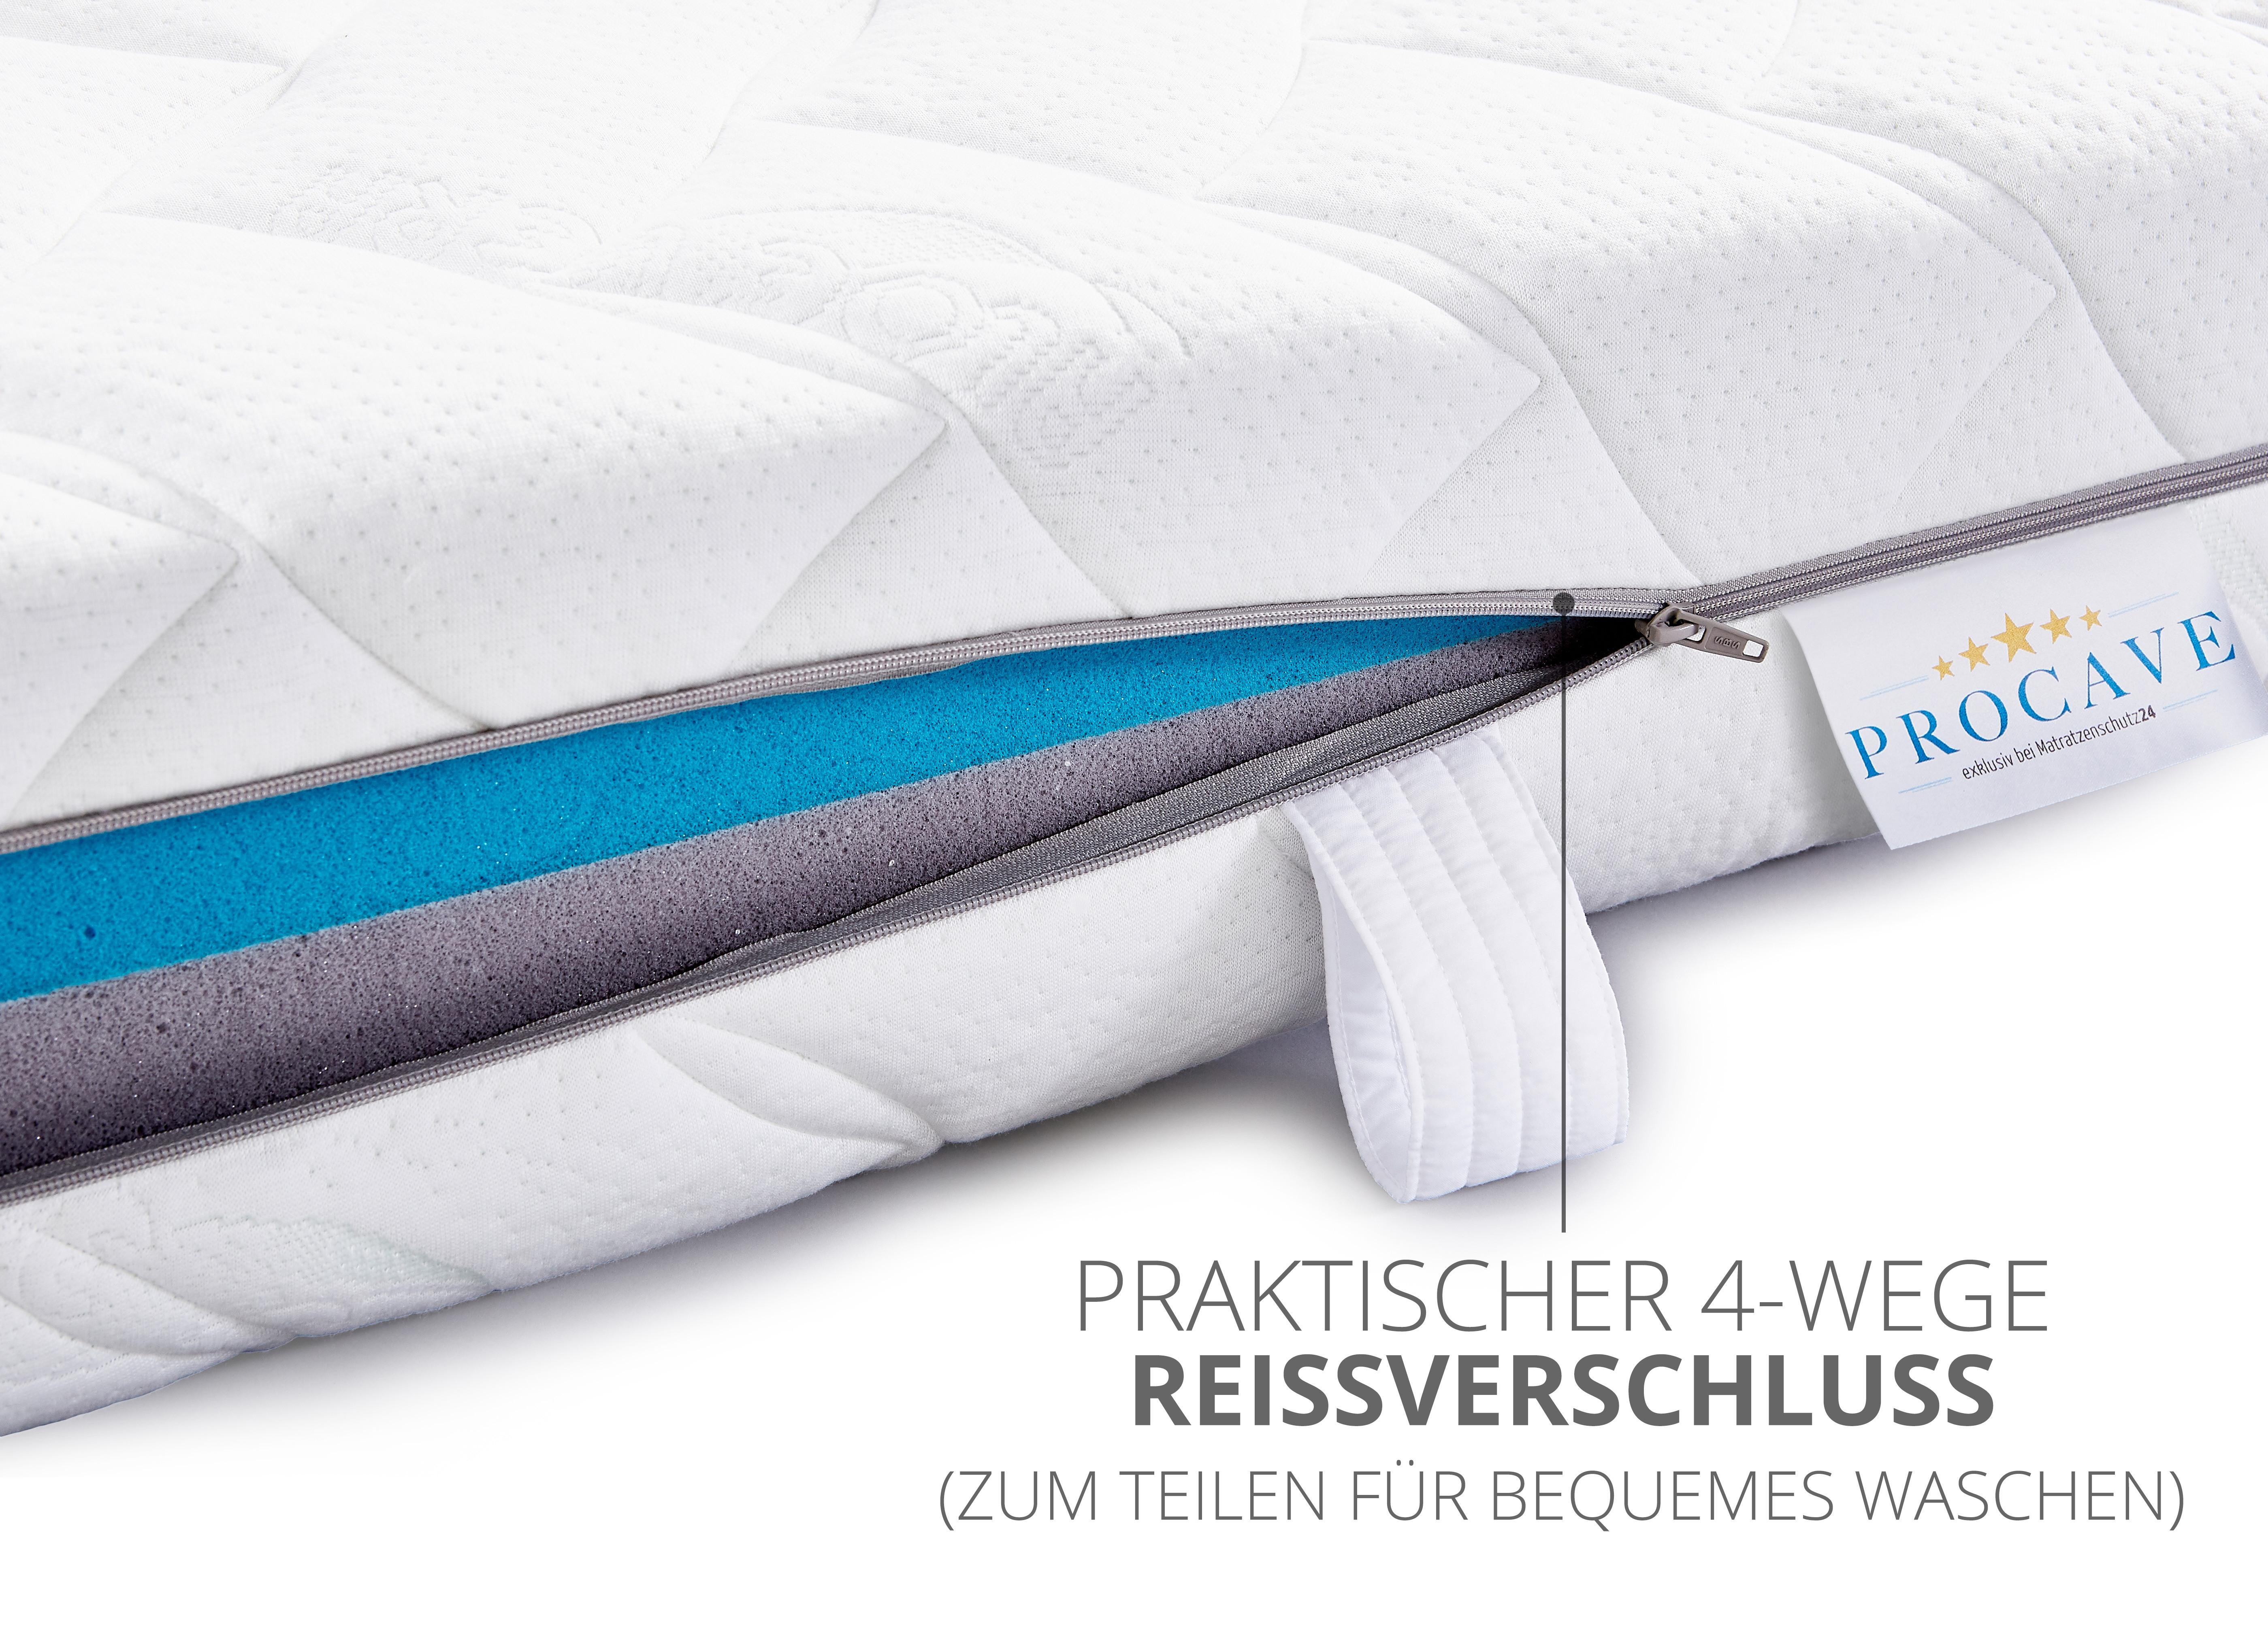 3-ELLI-Wende-Matratze-aus-Erfurt-von-PROCAVE-100-in-Deutschland-hergestellt6RK2L7PM4uHZL